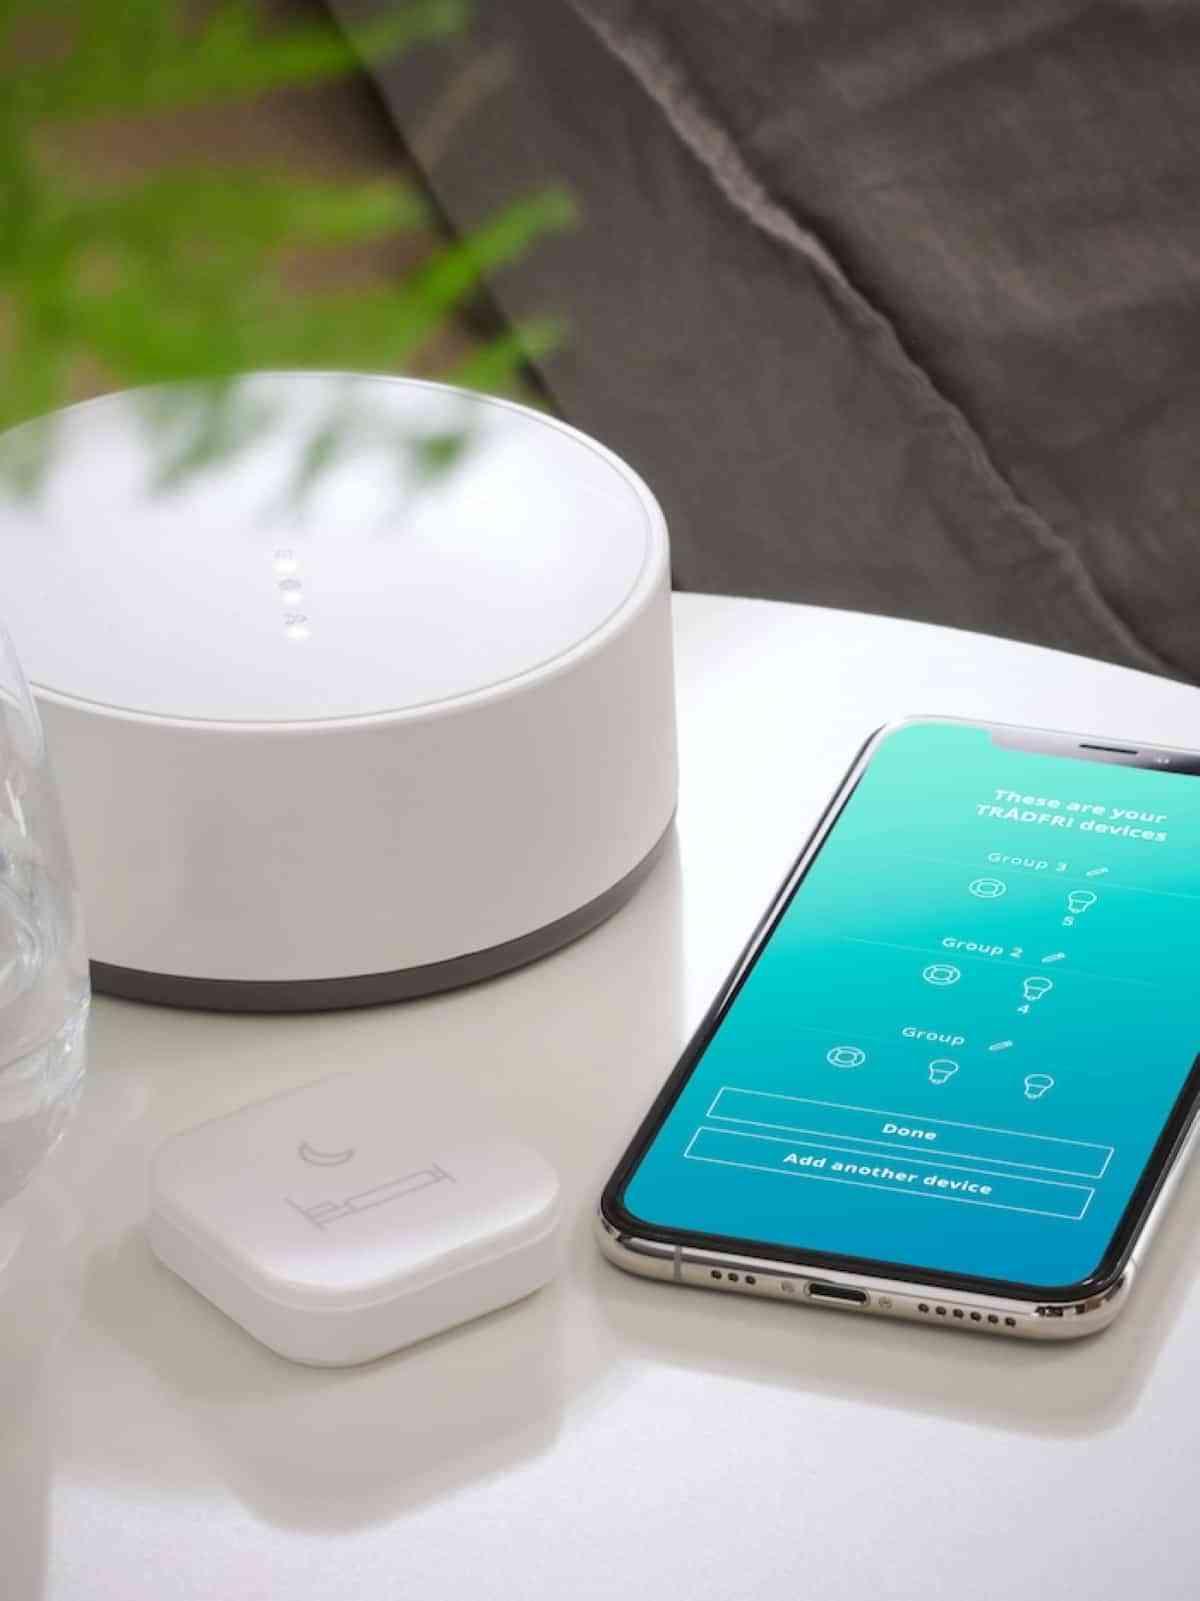 ikea smart home dispositivo conexion wifi